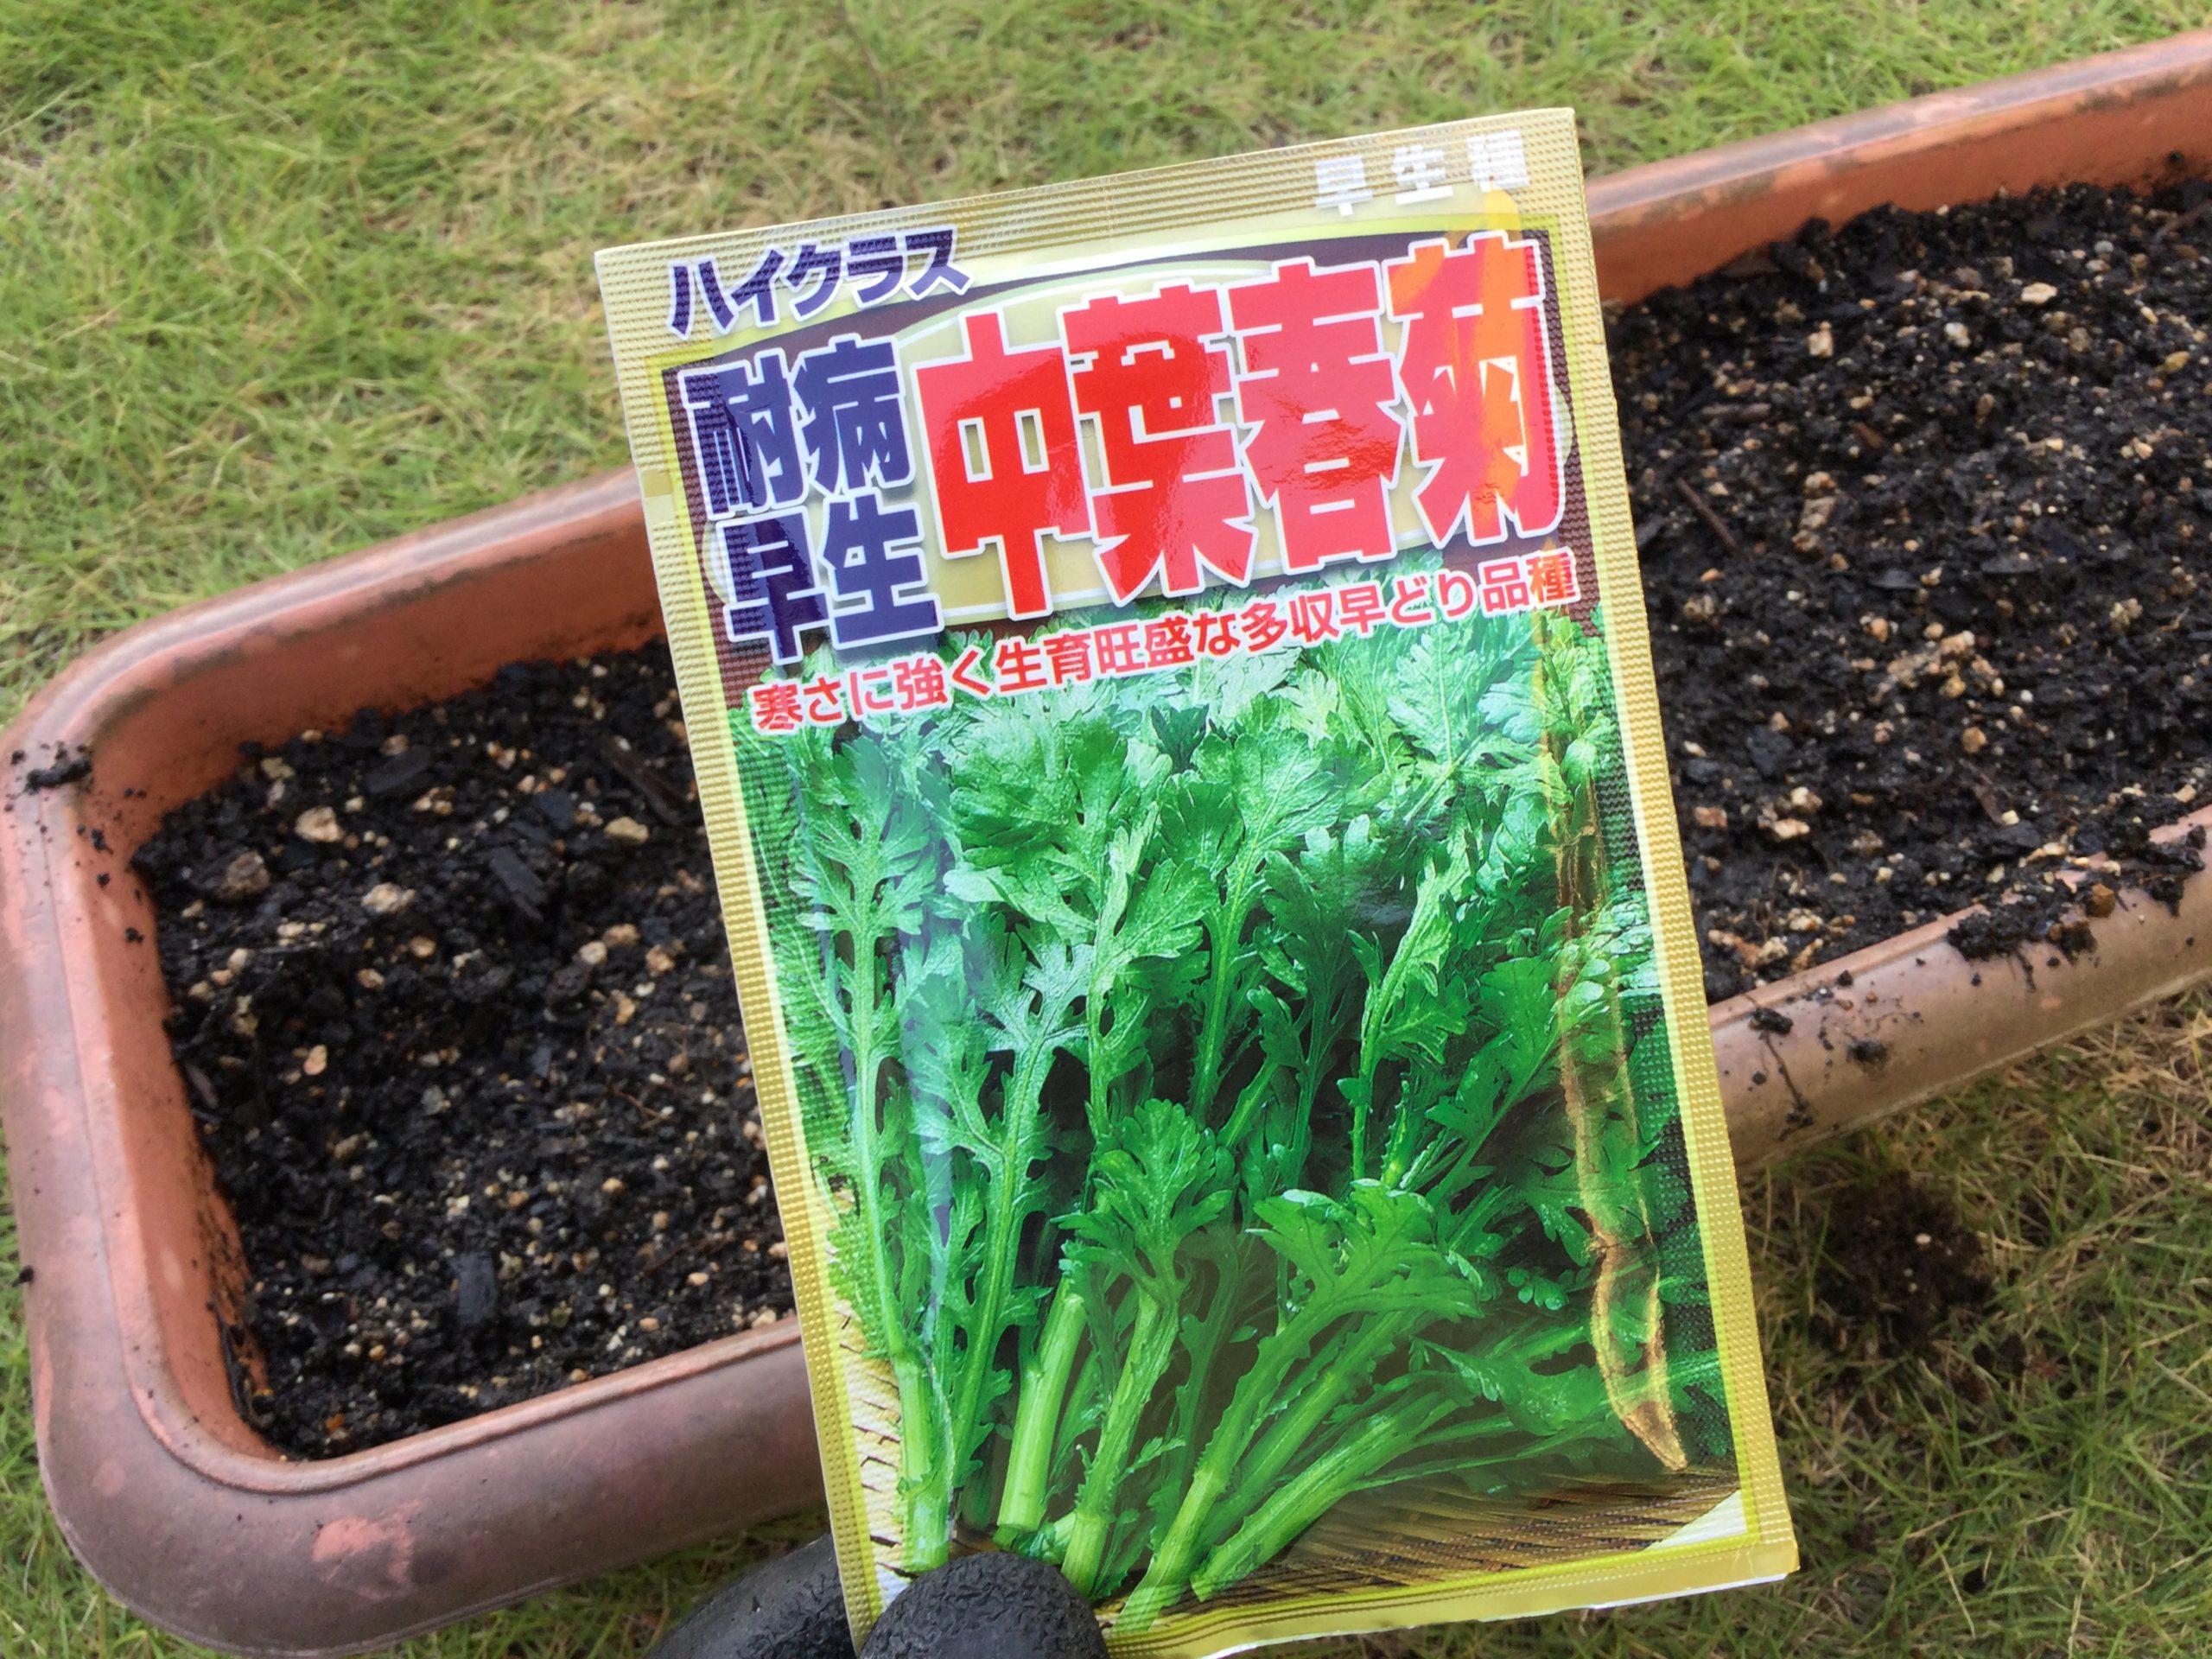 葉物野菜の高騰に対処!冬に欠かせない春菊たちを植えつける!